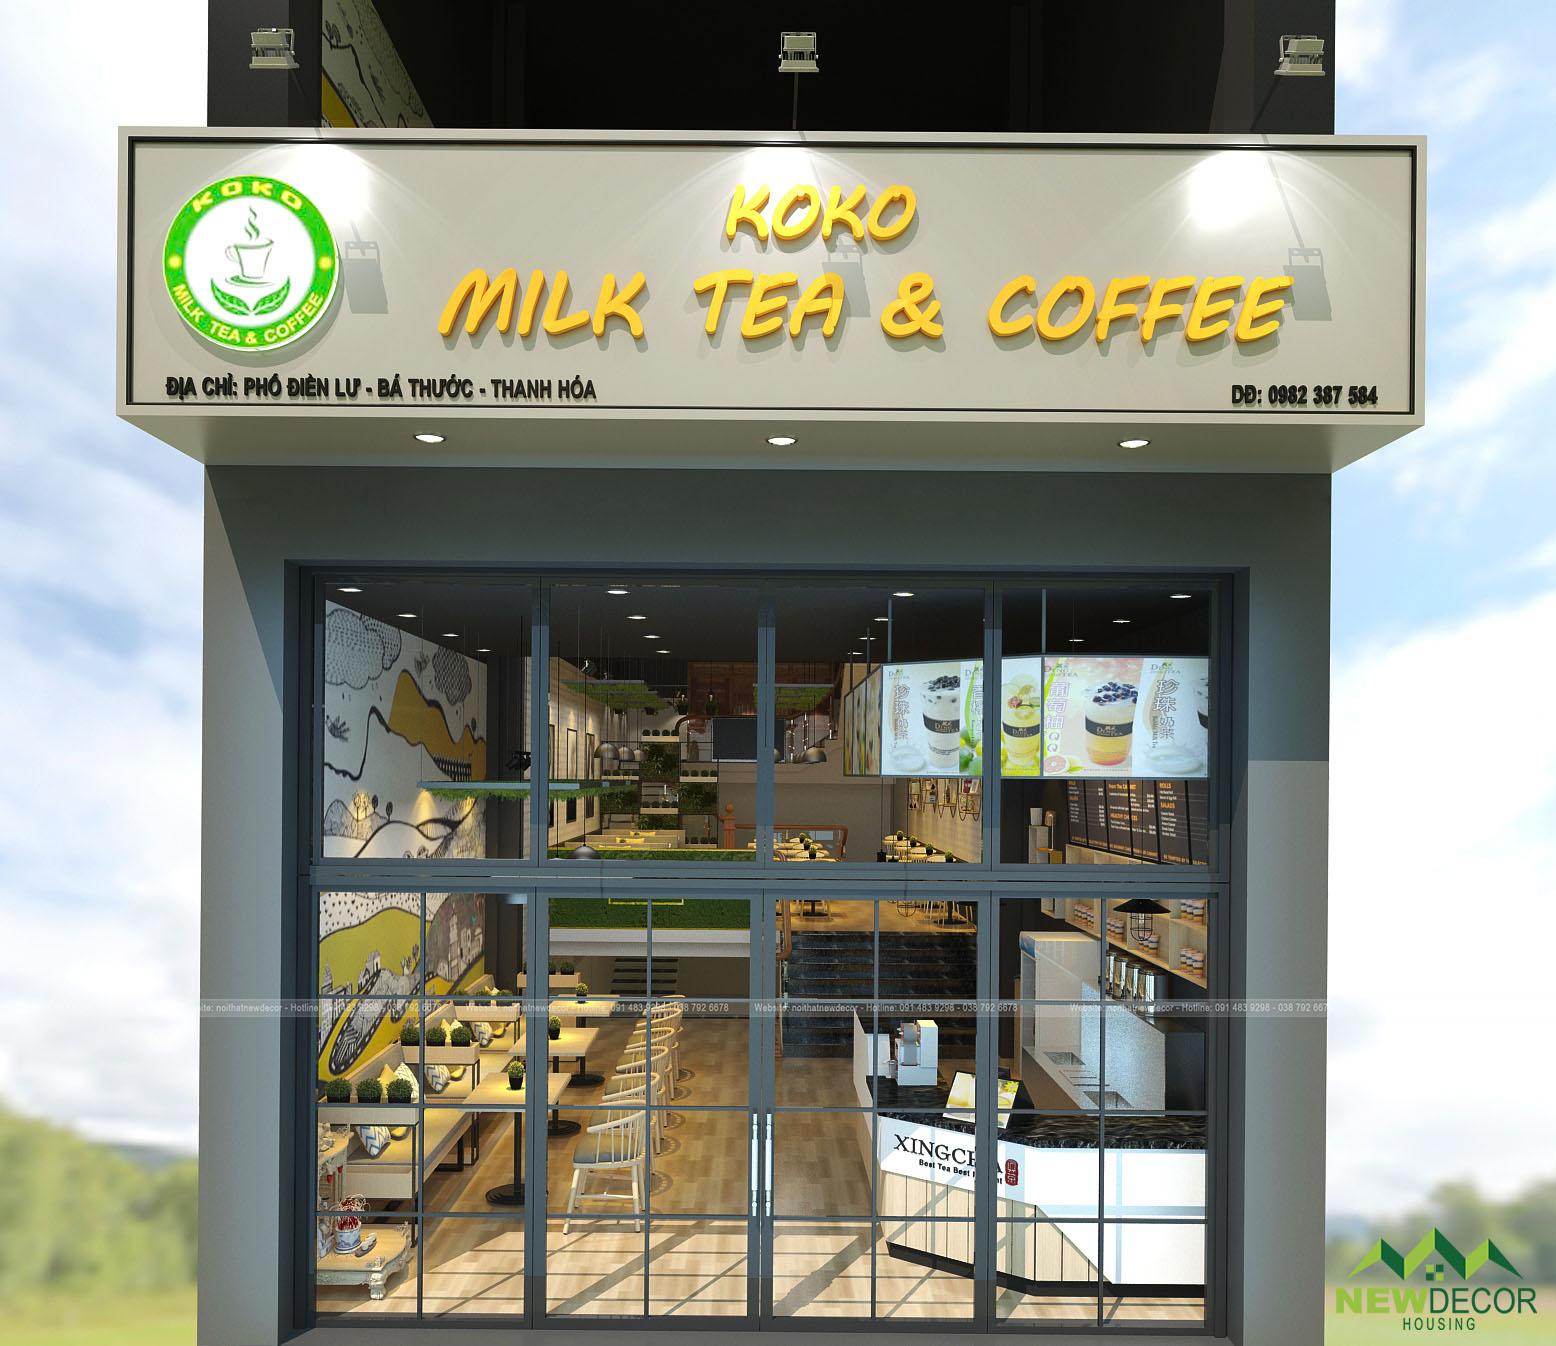 mặt tiền cửa hàng Koko milk tea & coffee